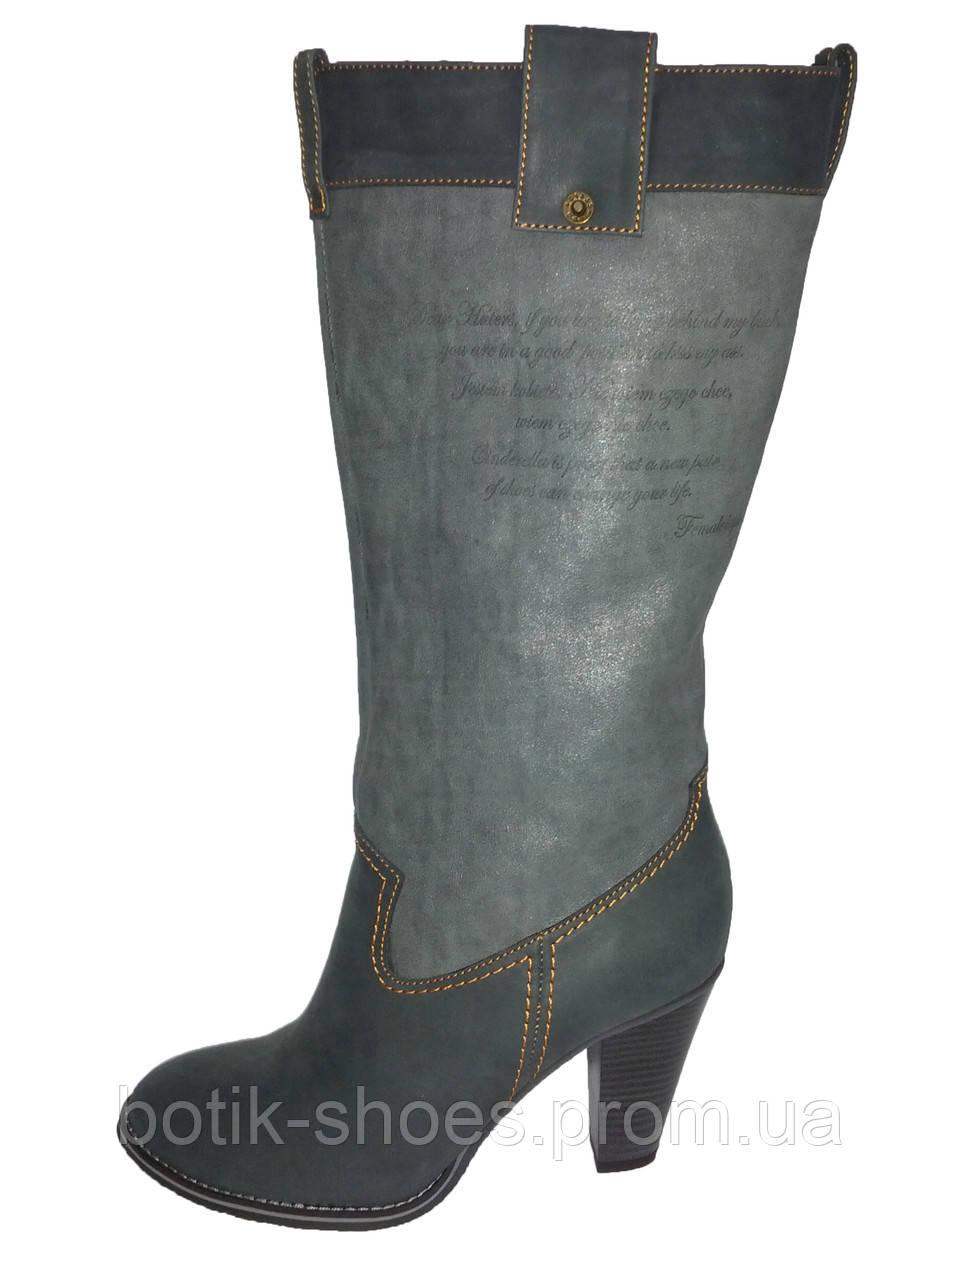 69d52bae0 Кожаные женские демисезонные стильные модные сапоги Vizzavi -  интернет-магазин обуви